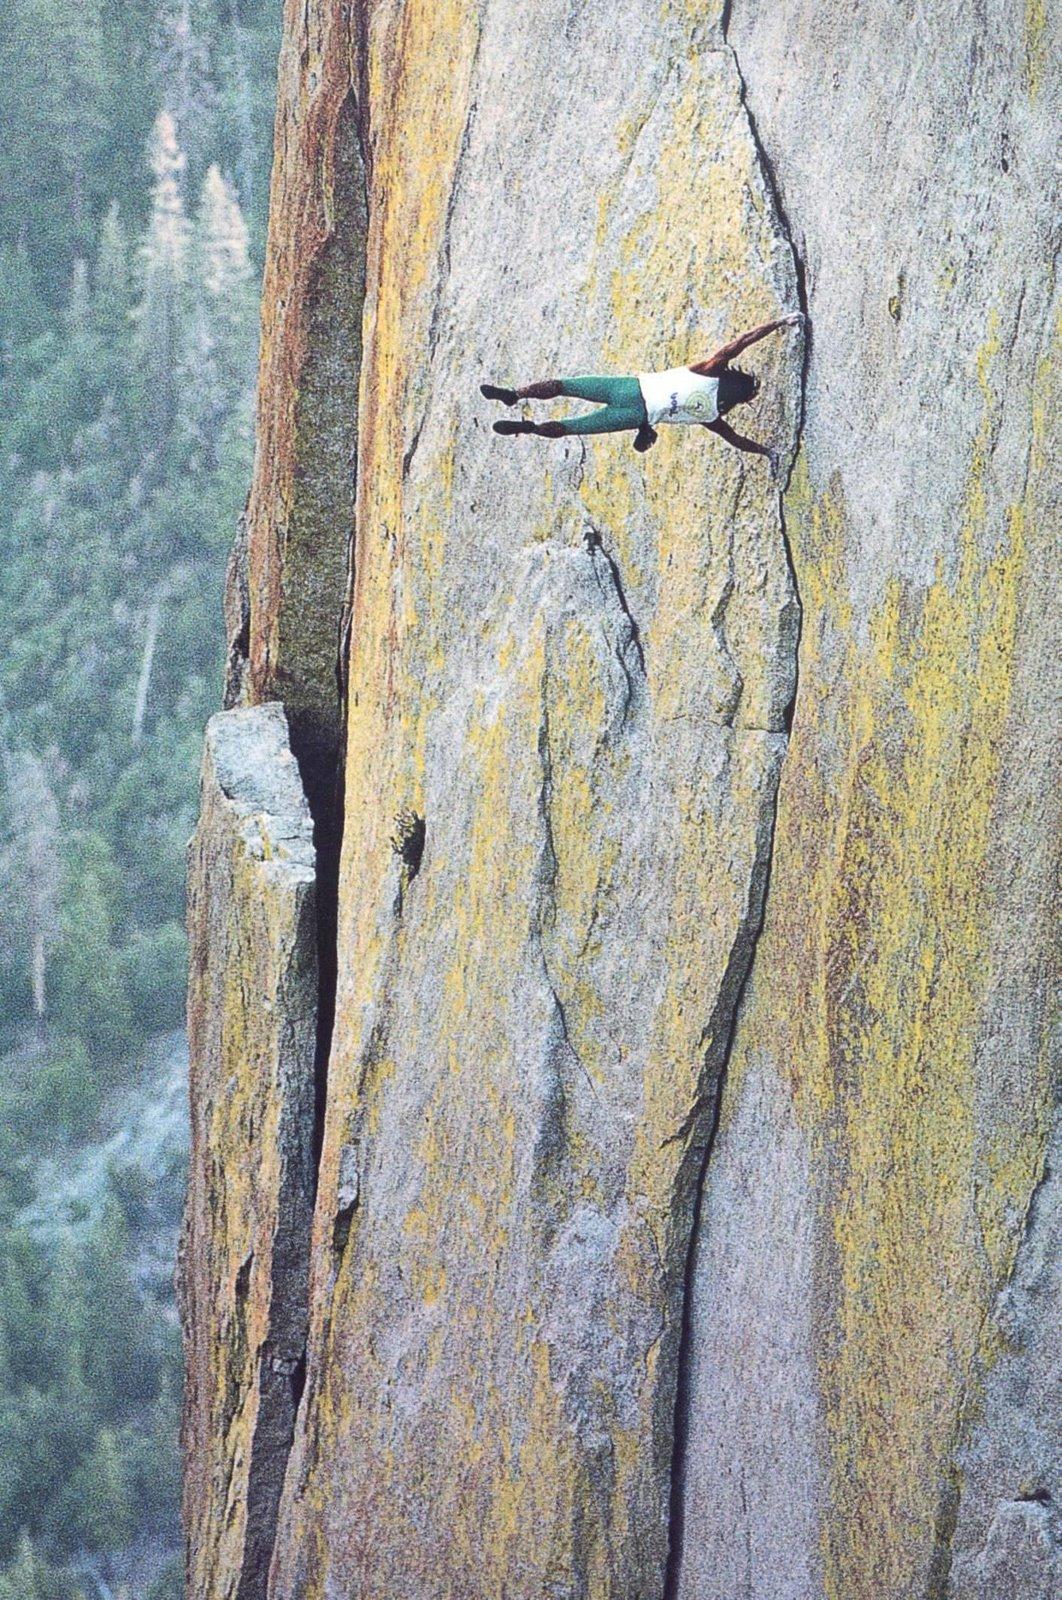 ekipmansız dik tepeye tırmanan adam